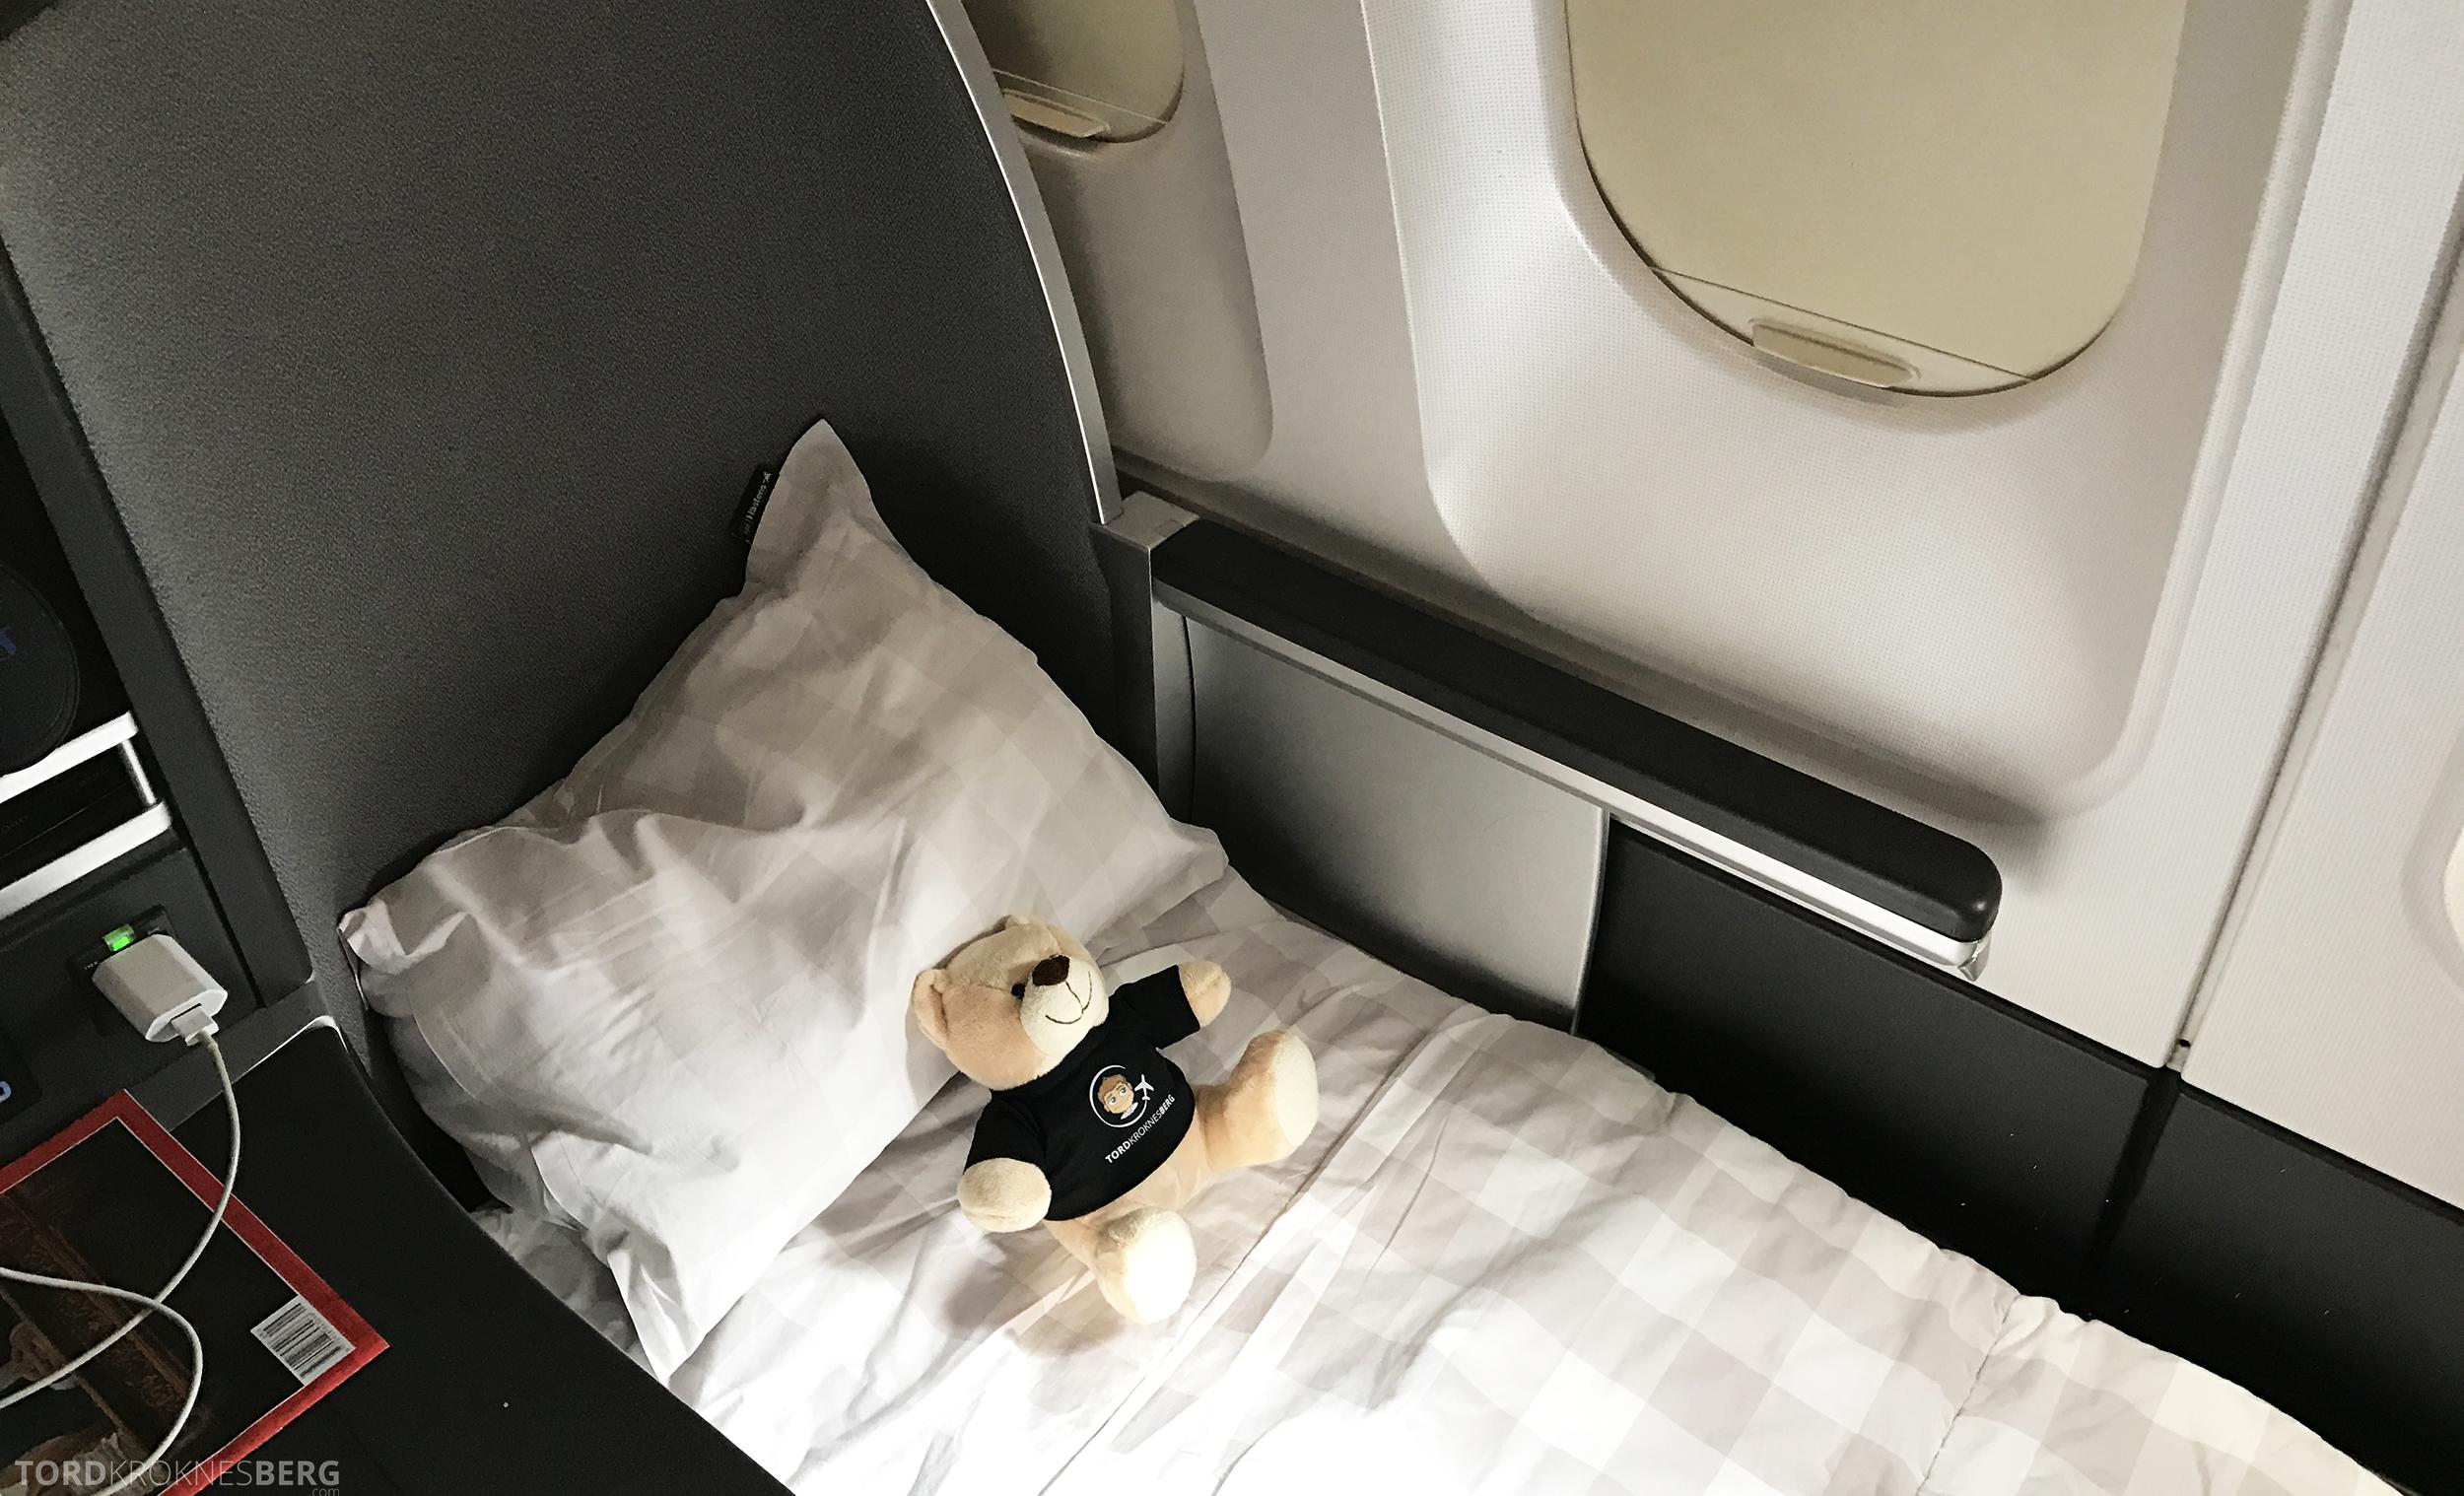 SAS Business Oslo til Miami reisefølget hvil